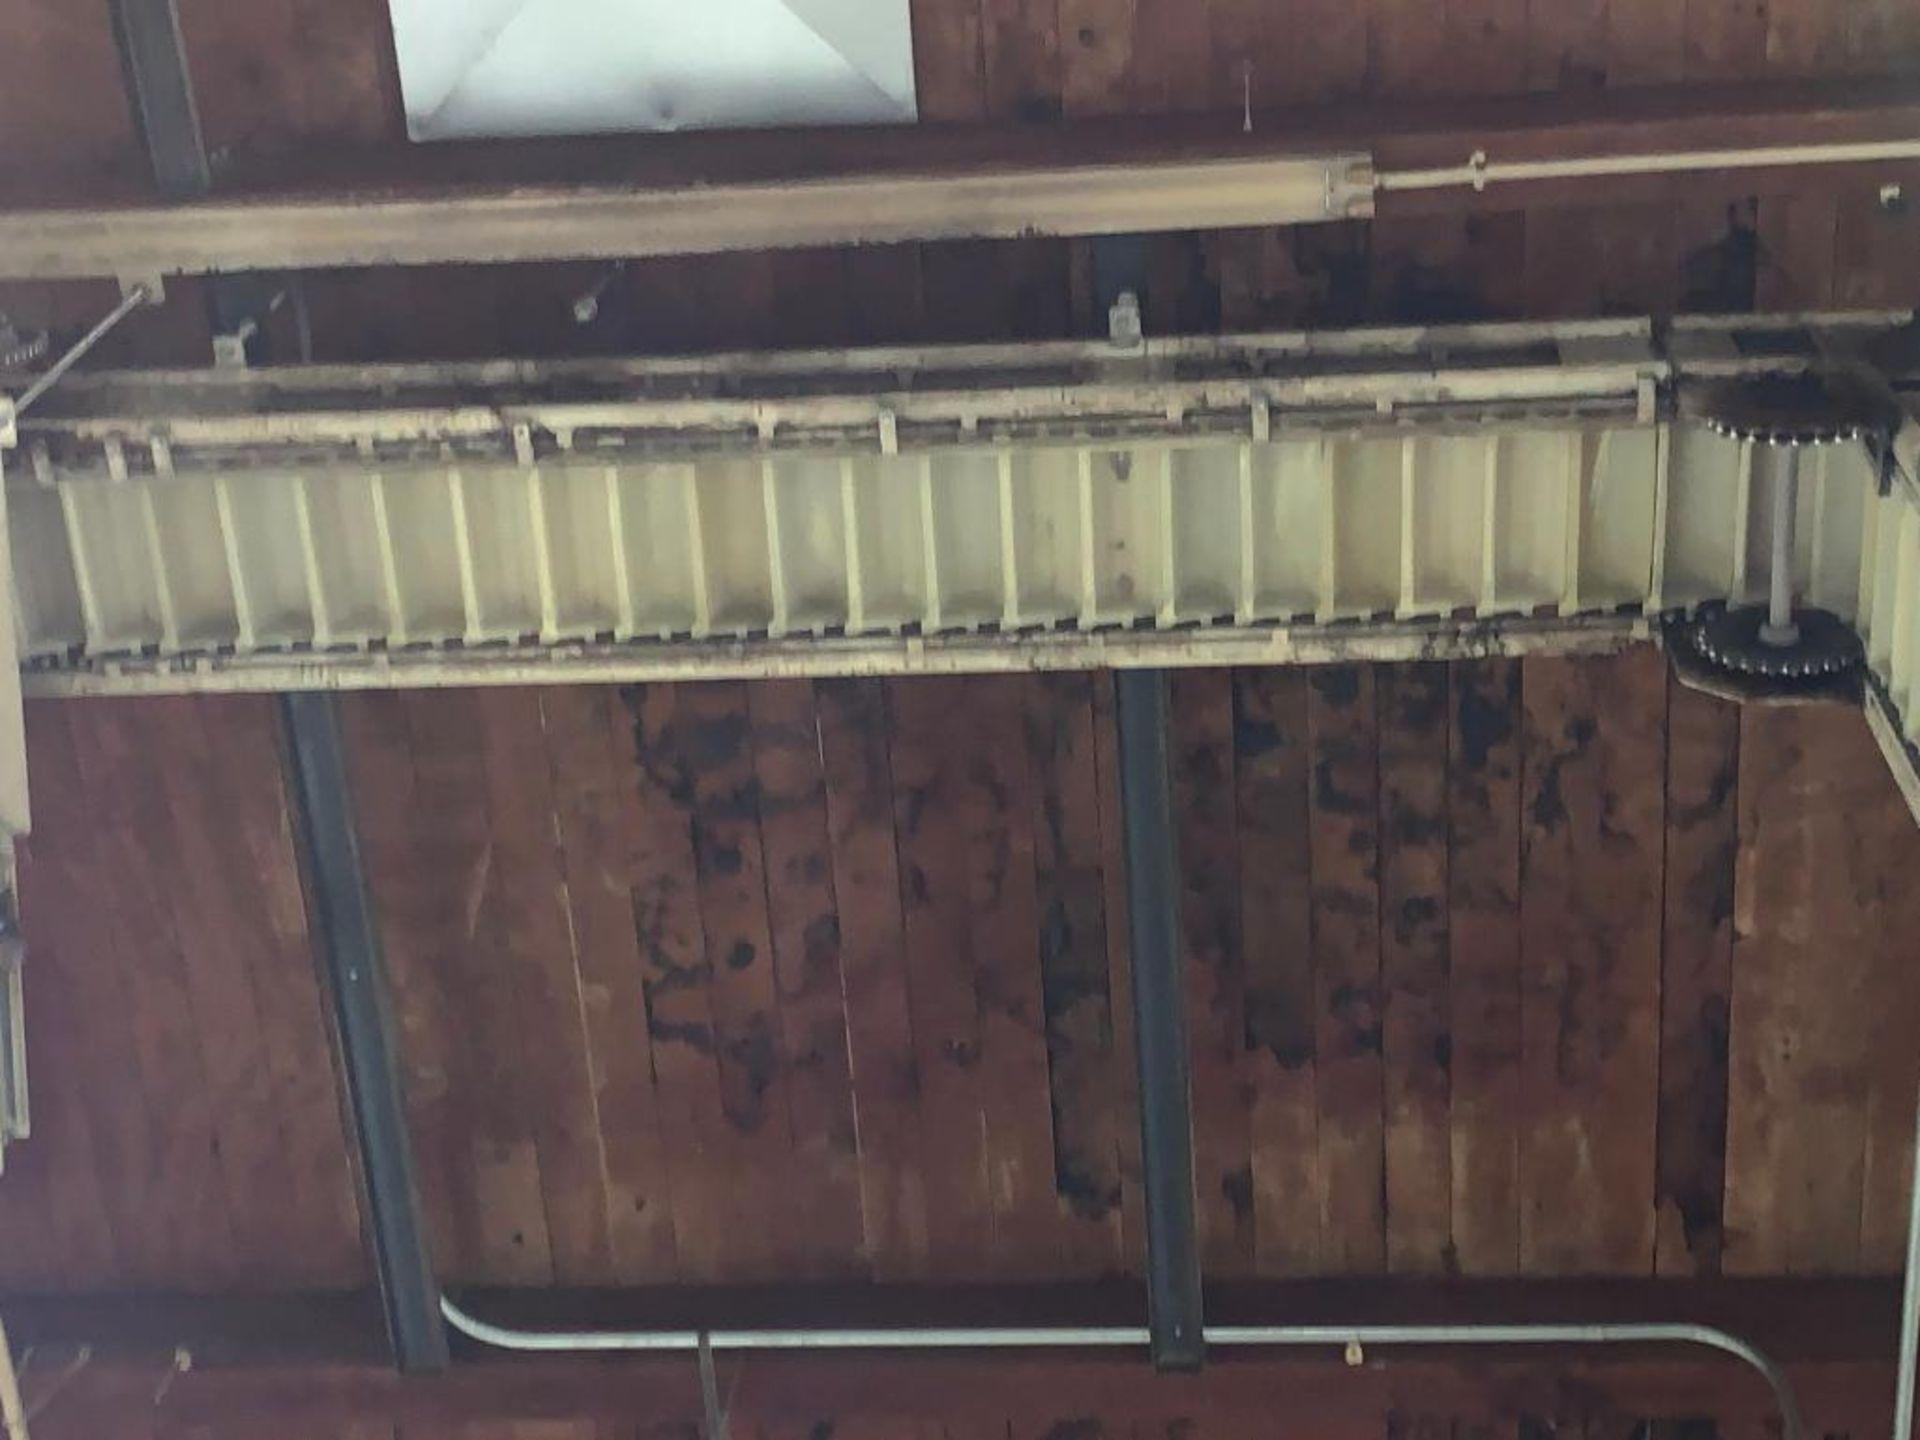 Aseeco overlapping bucket elevator - Image 7 of 11